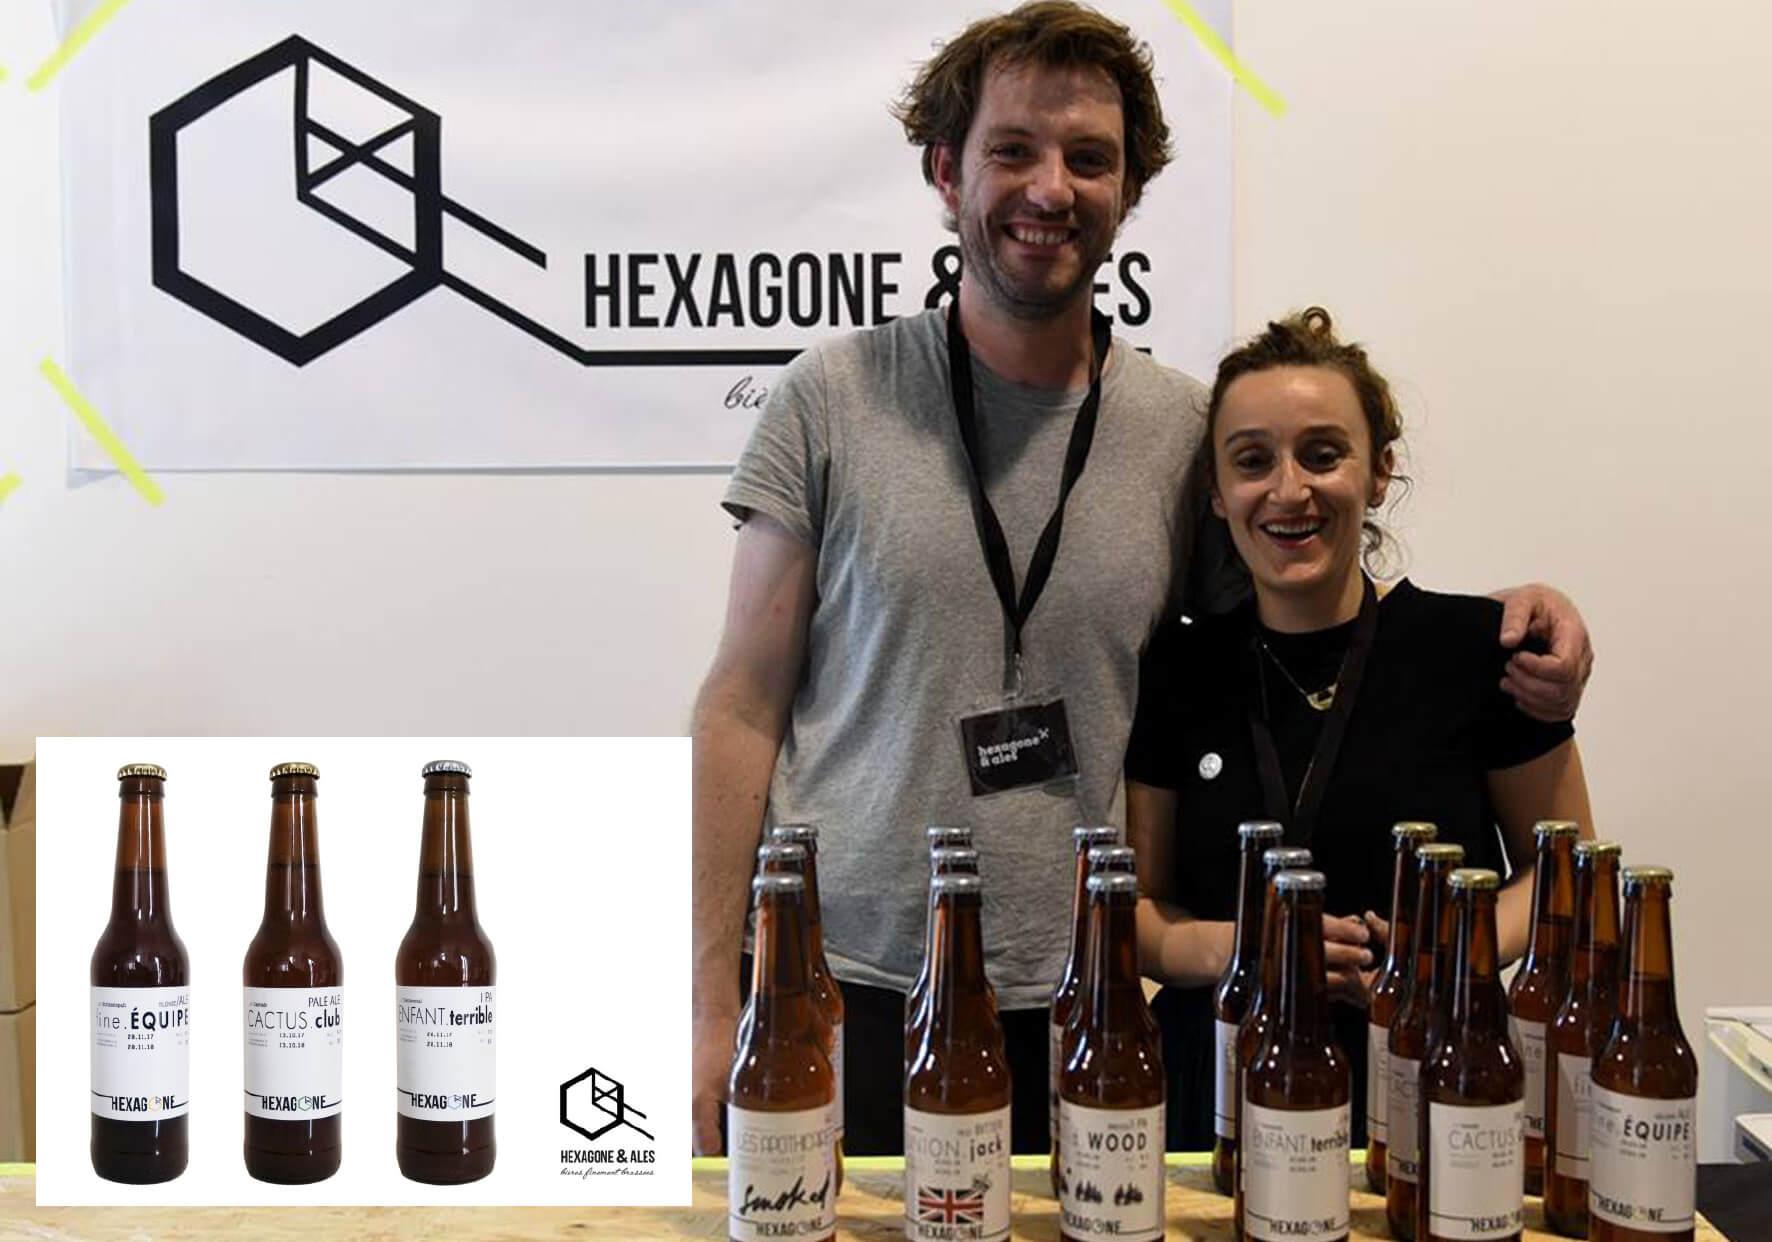 Hexagone & Ales